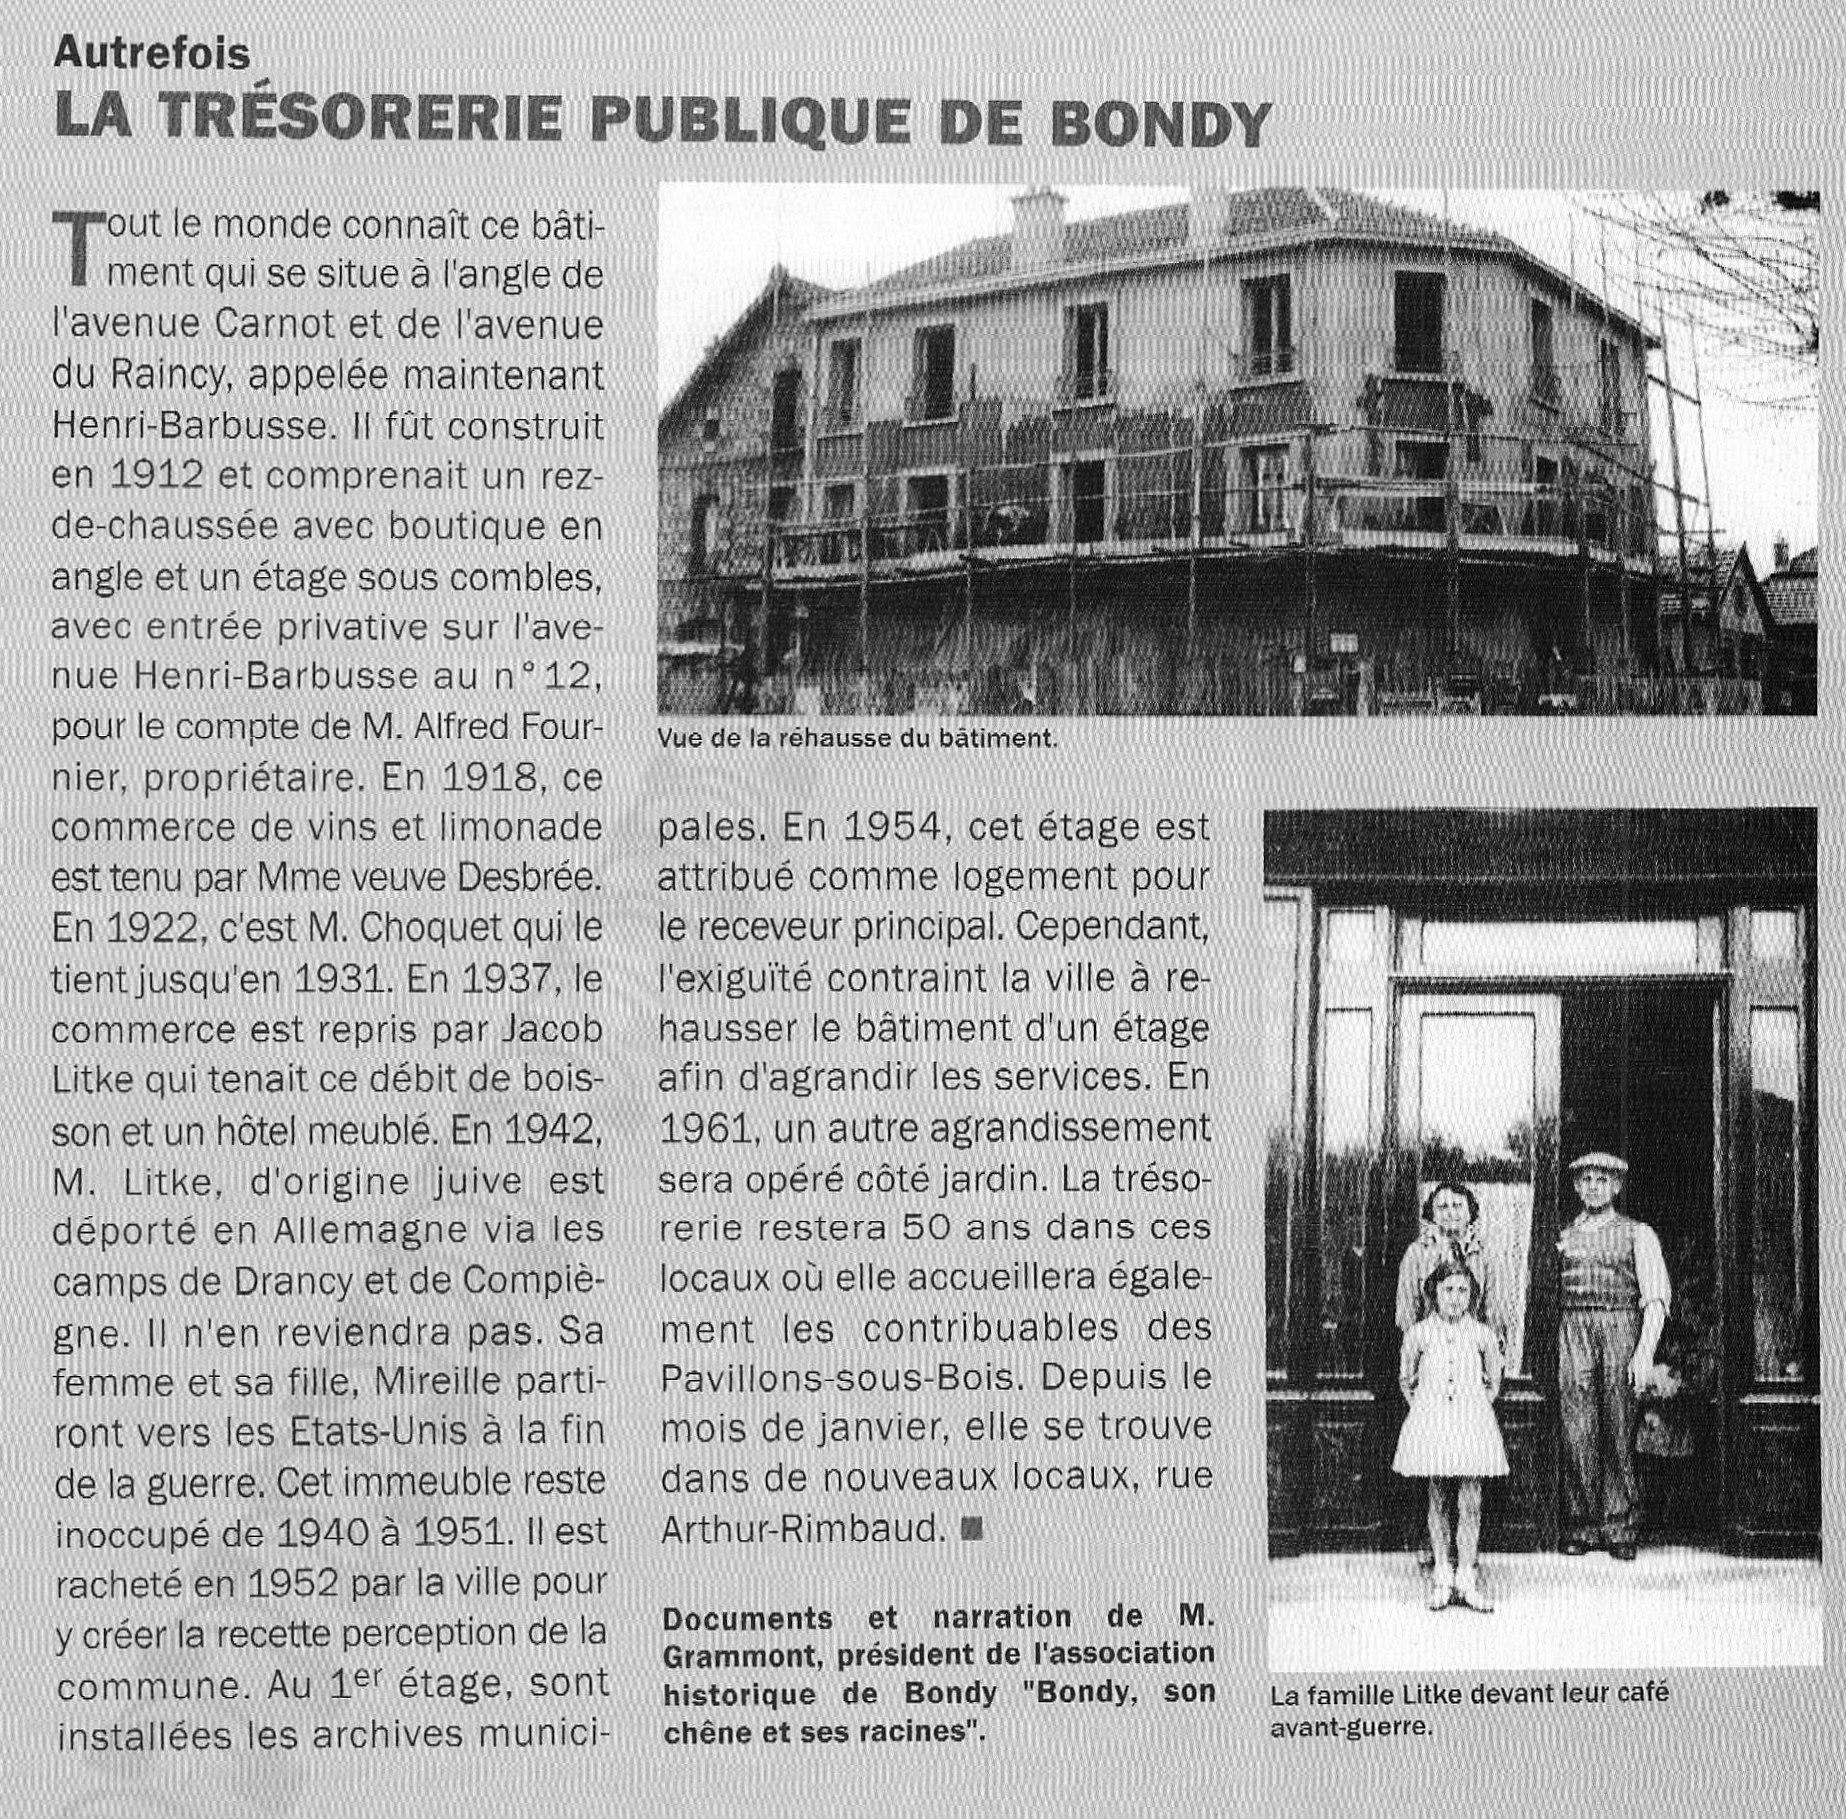 La Trésorerie de Bondy